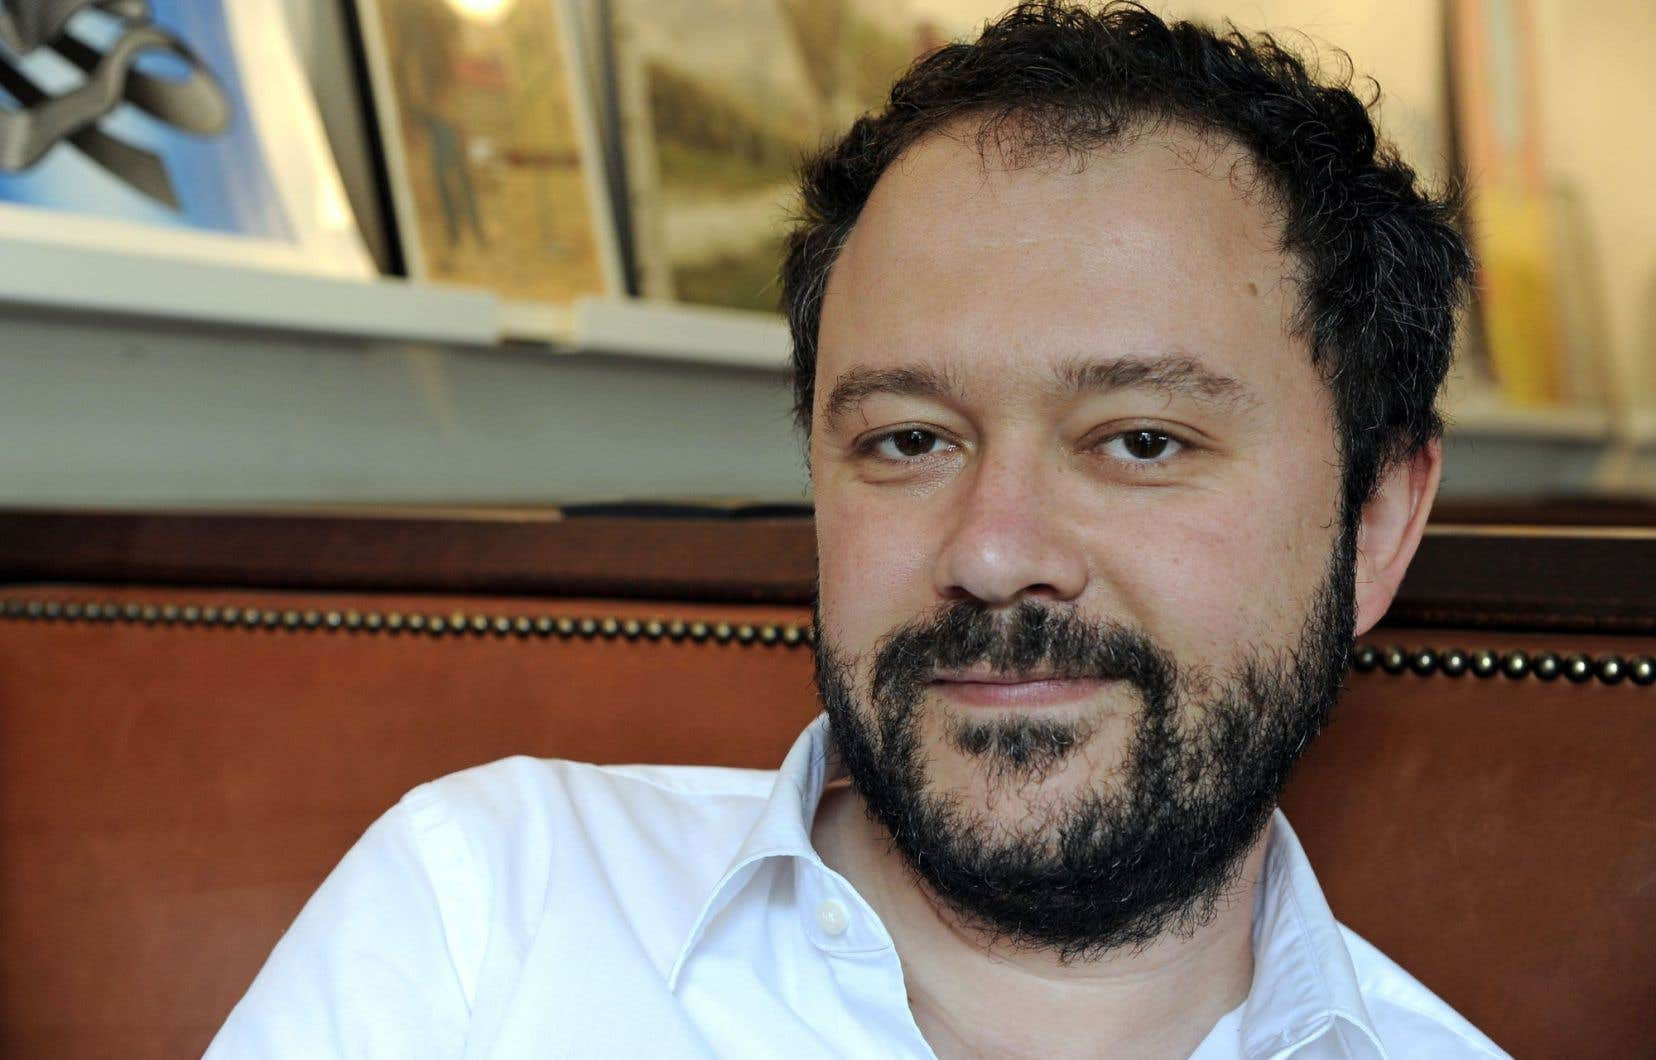 Le bédéiste Riad Sattouf a réclamé que son nom soit exclu de la course au Grand Prix du Festival d'Angoulême.